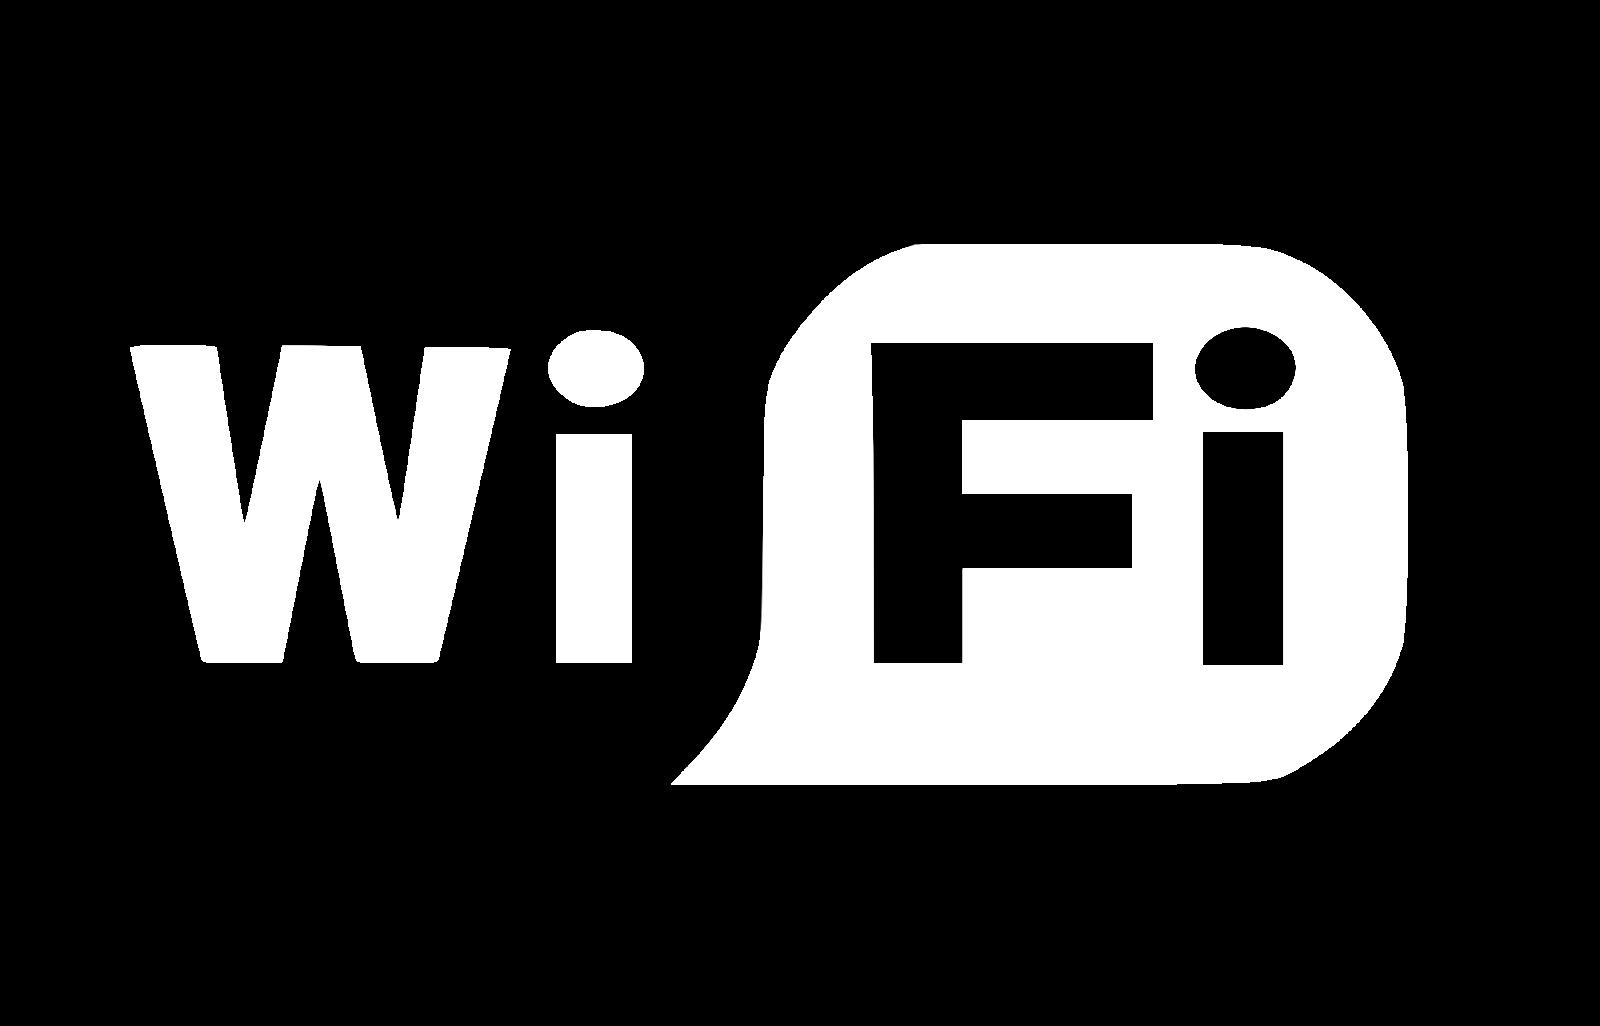 mengatasi wifi yang putus nyambung